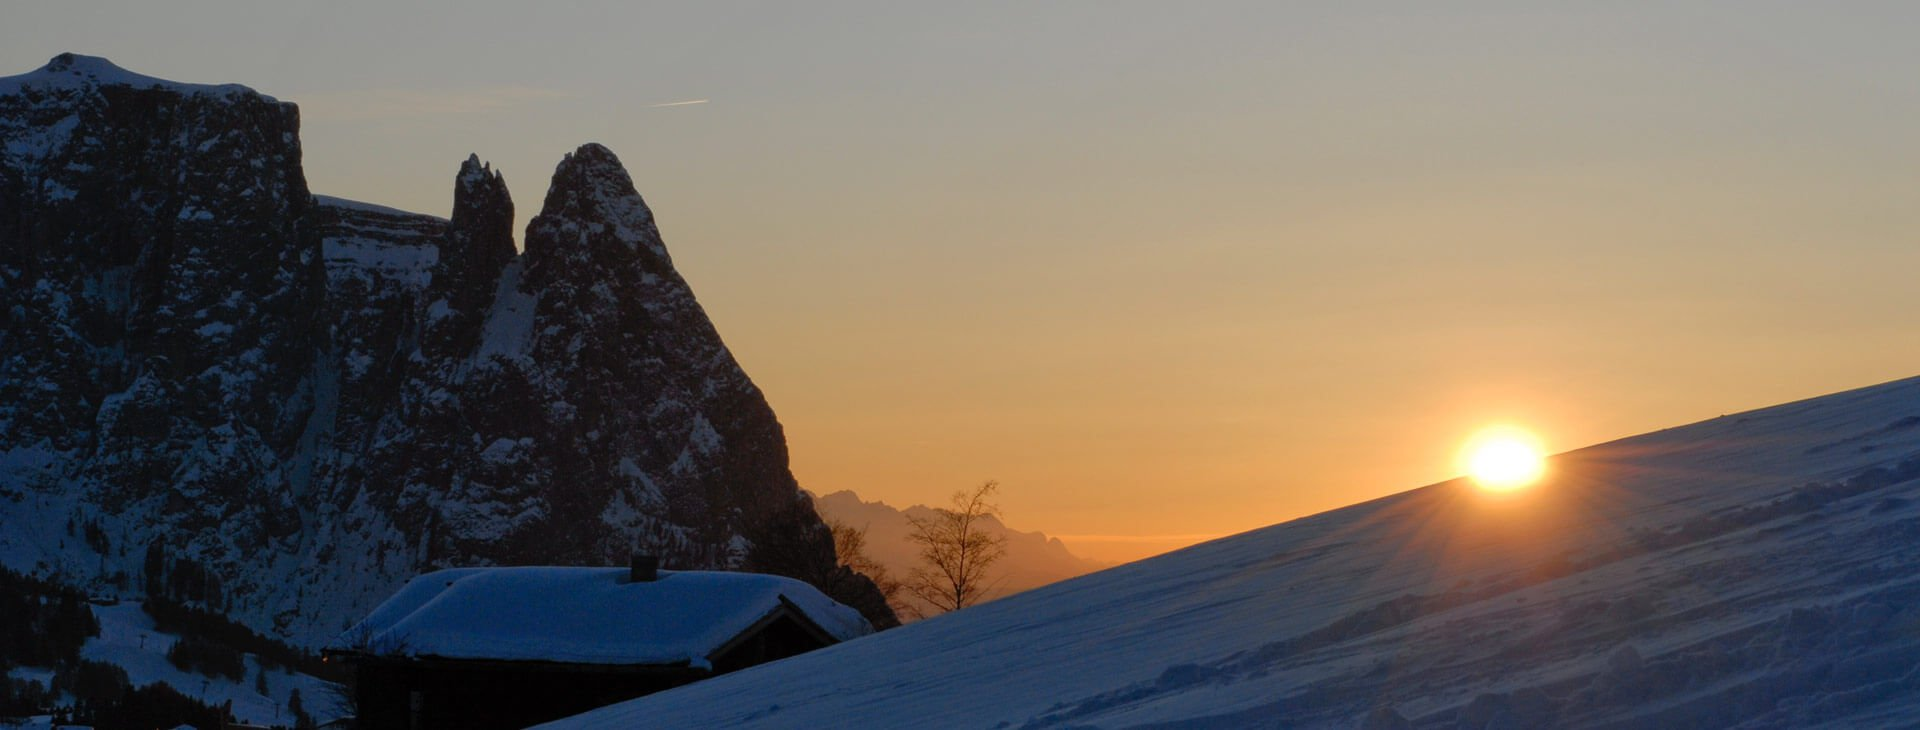 winterurlaub-dolomiten-05